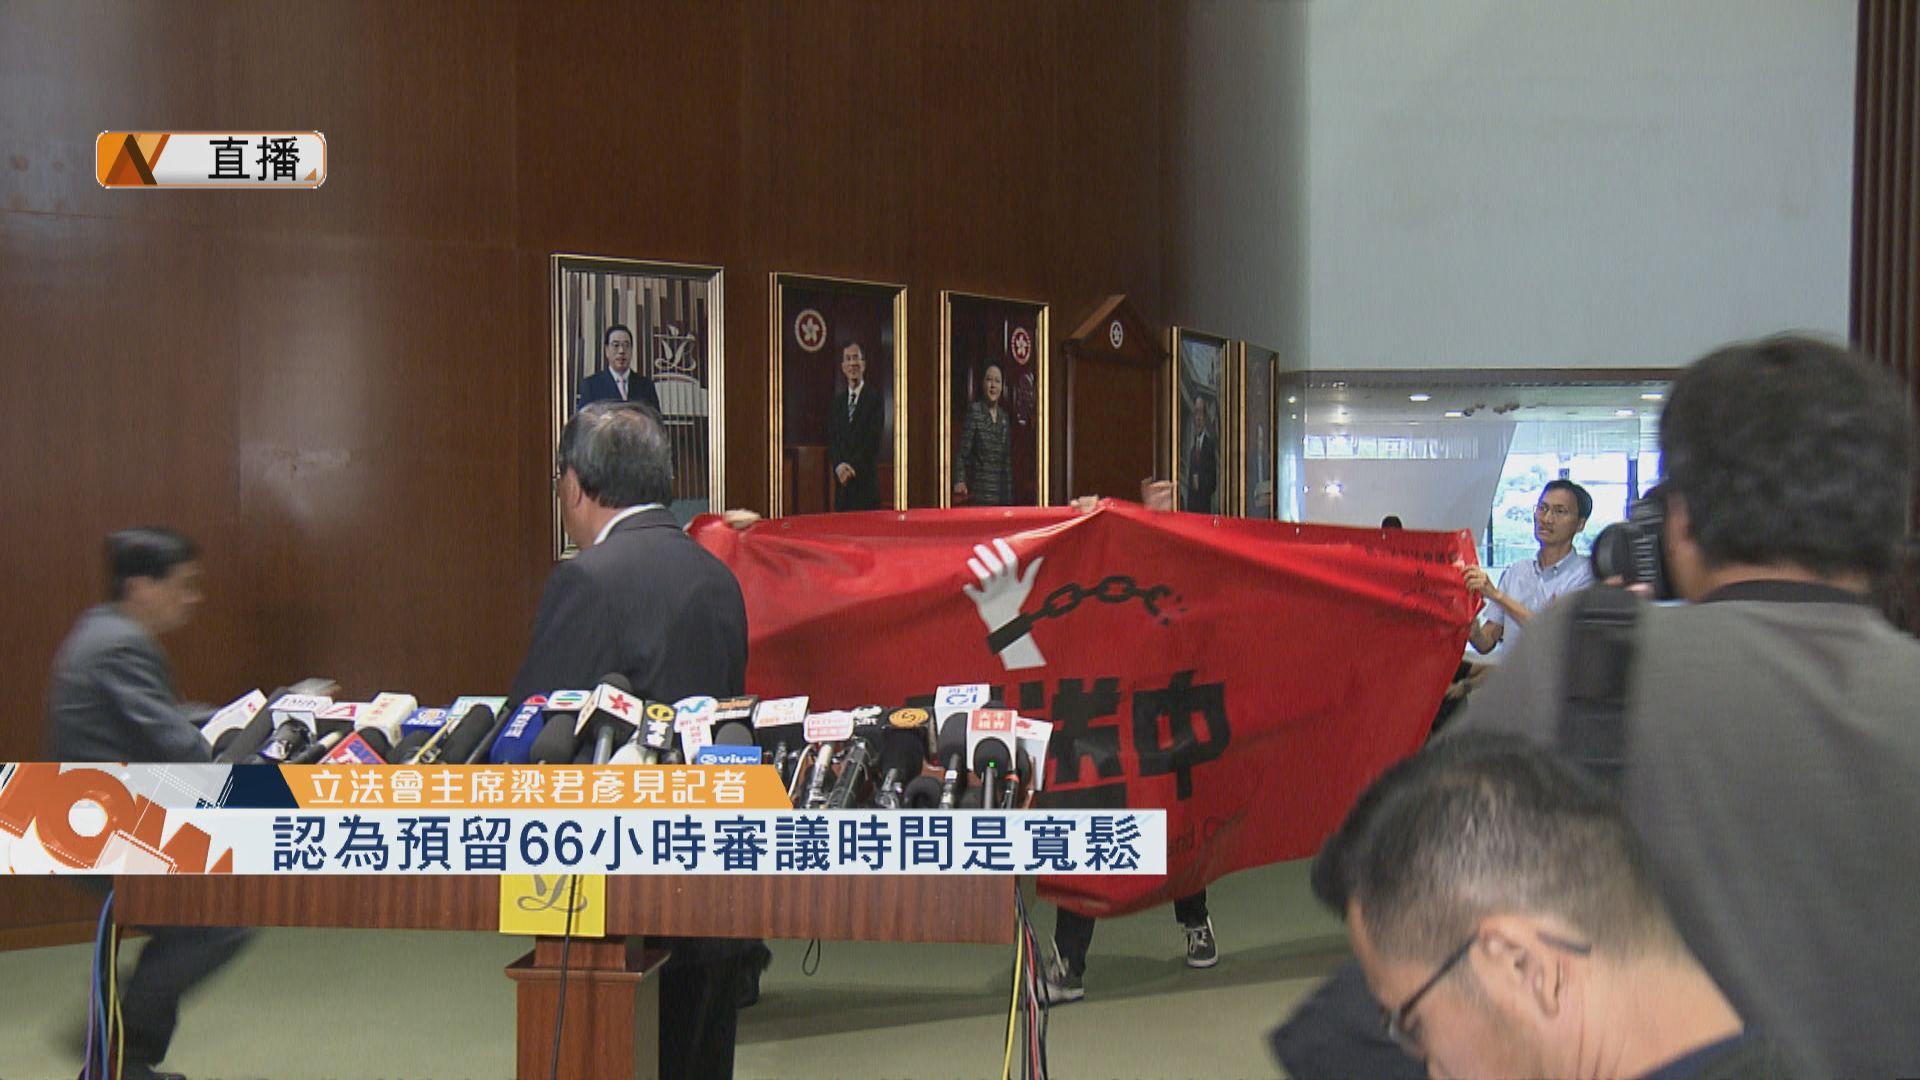 【最新】梁君彥:即時關閉立法會大樓示威區